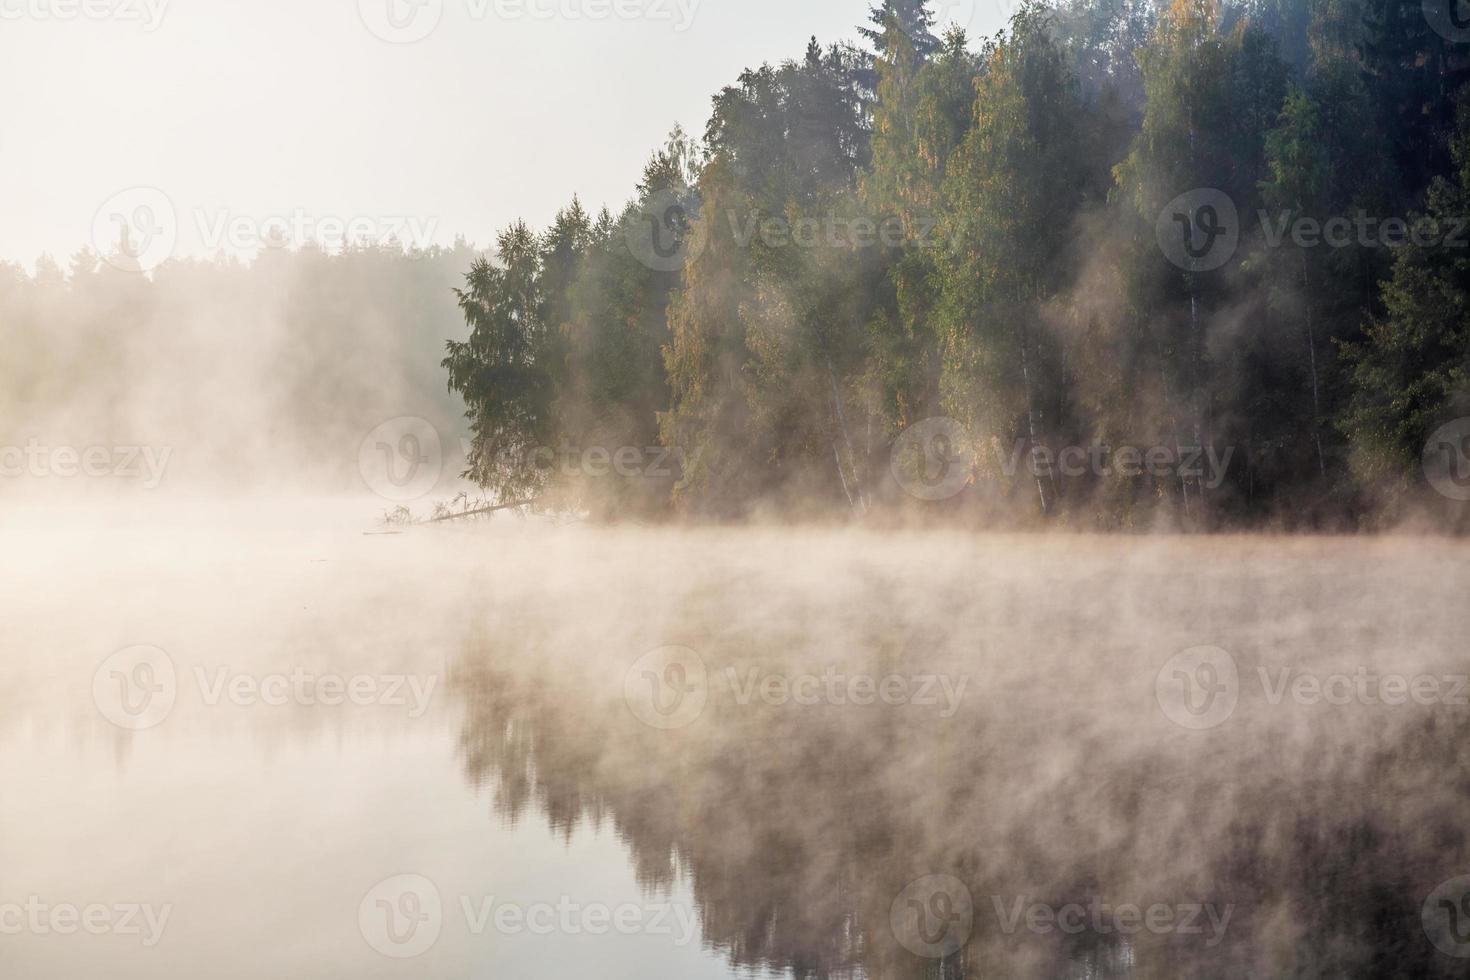 lago nevoento foto